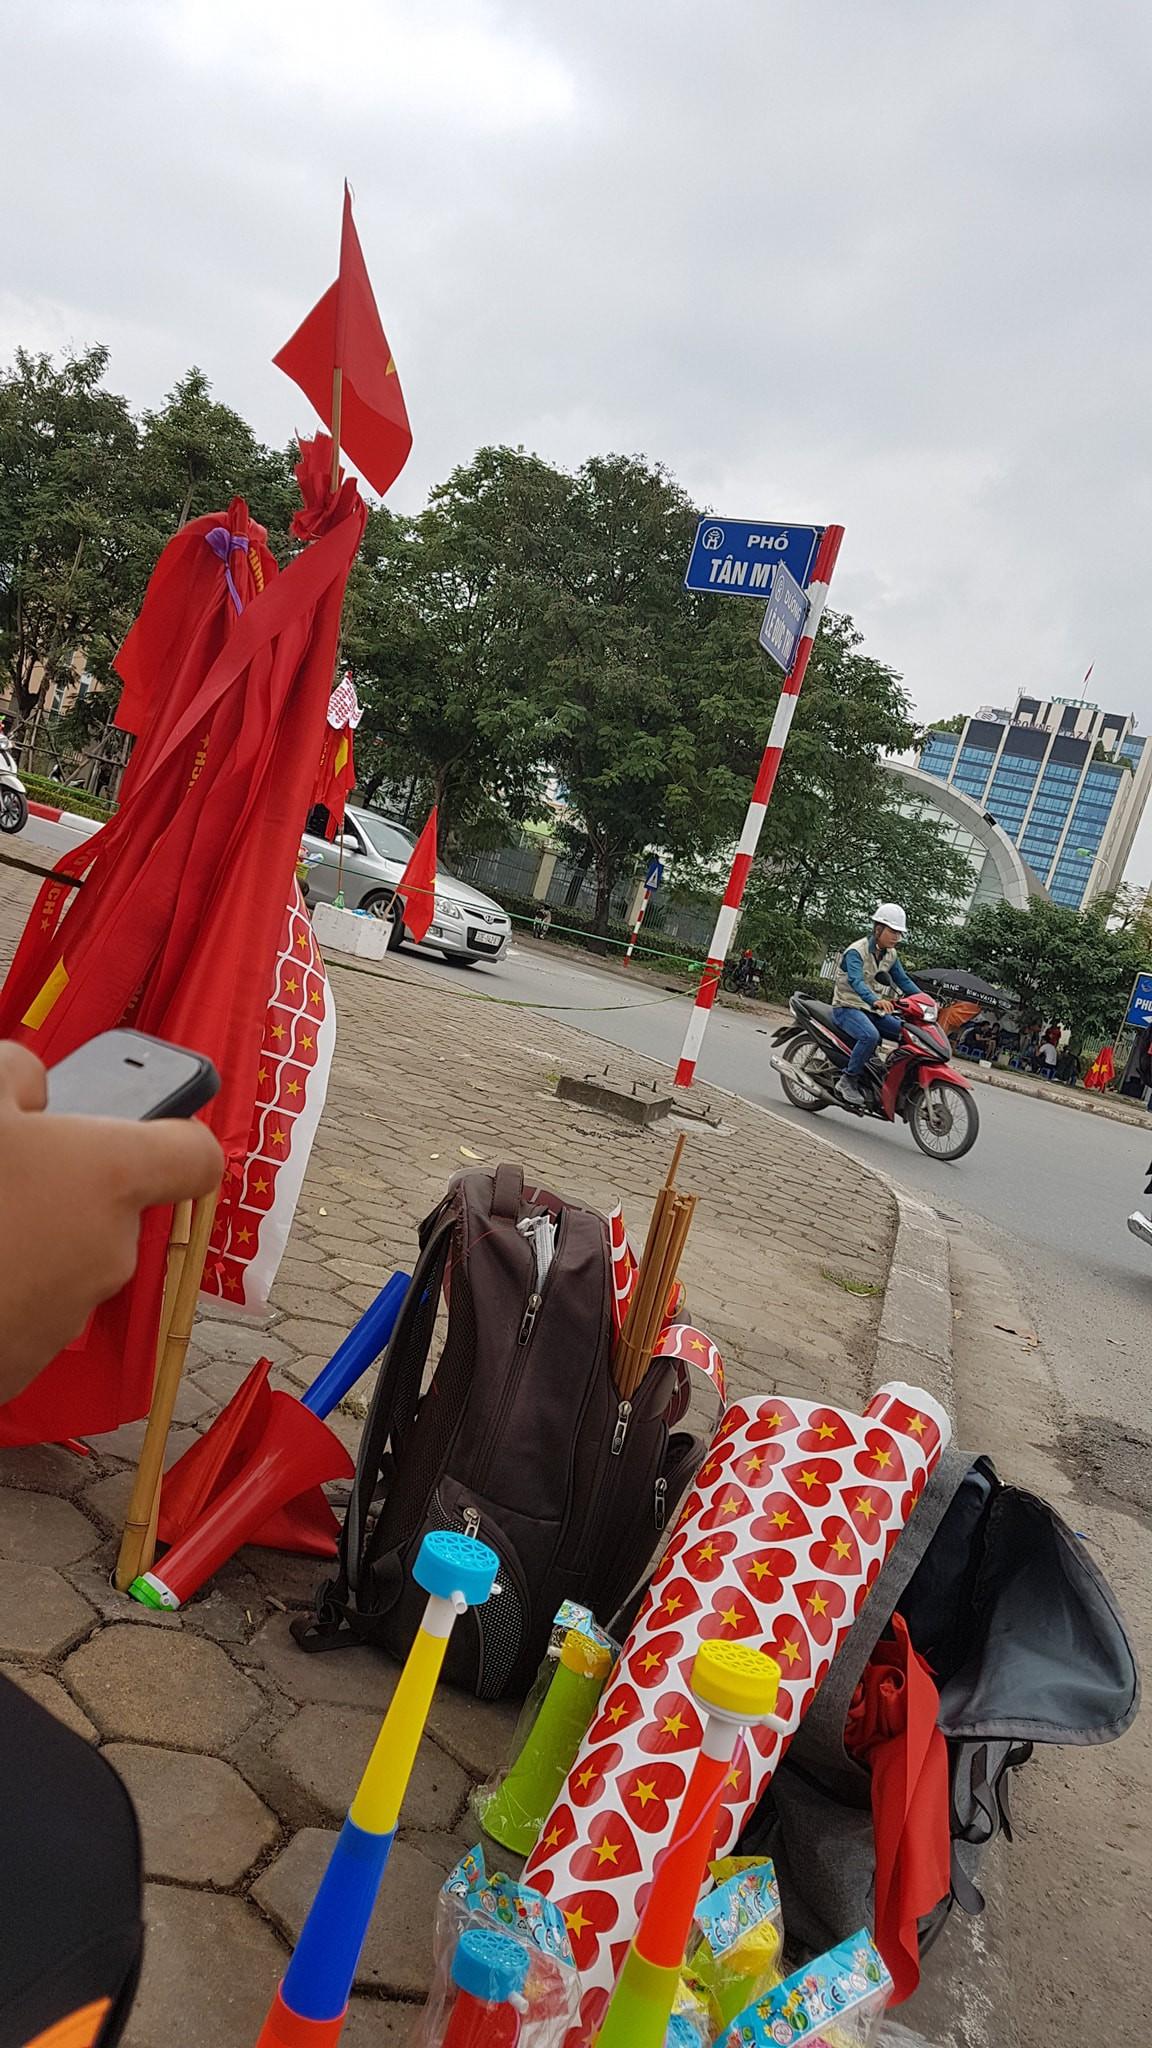 Còn gần 5 tiếng nữa đội tuyển Việt Nam mới ra sân, mà ngay bây giờ cổ động viên đã bắt đầu ra phố - Ảnh 3.